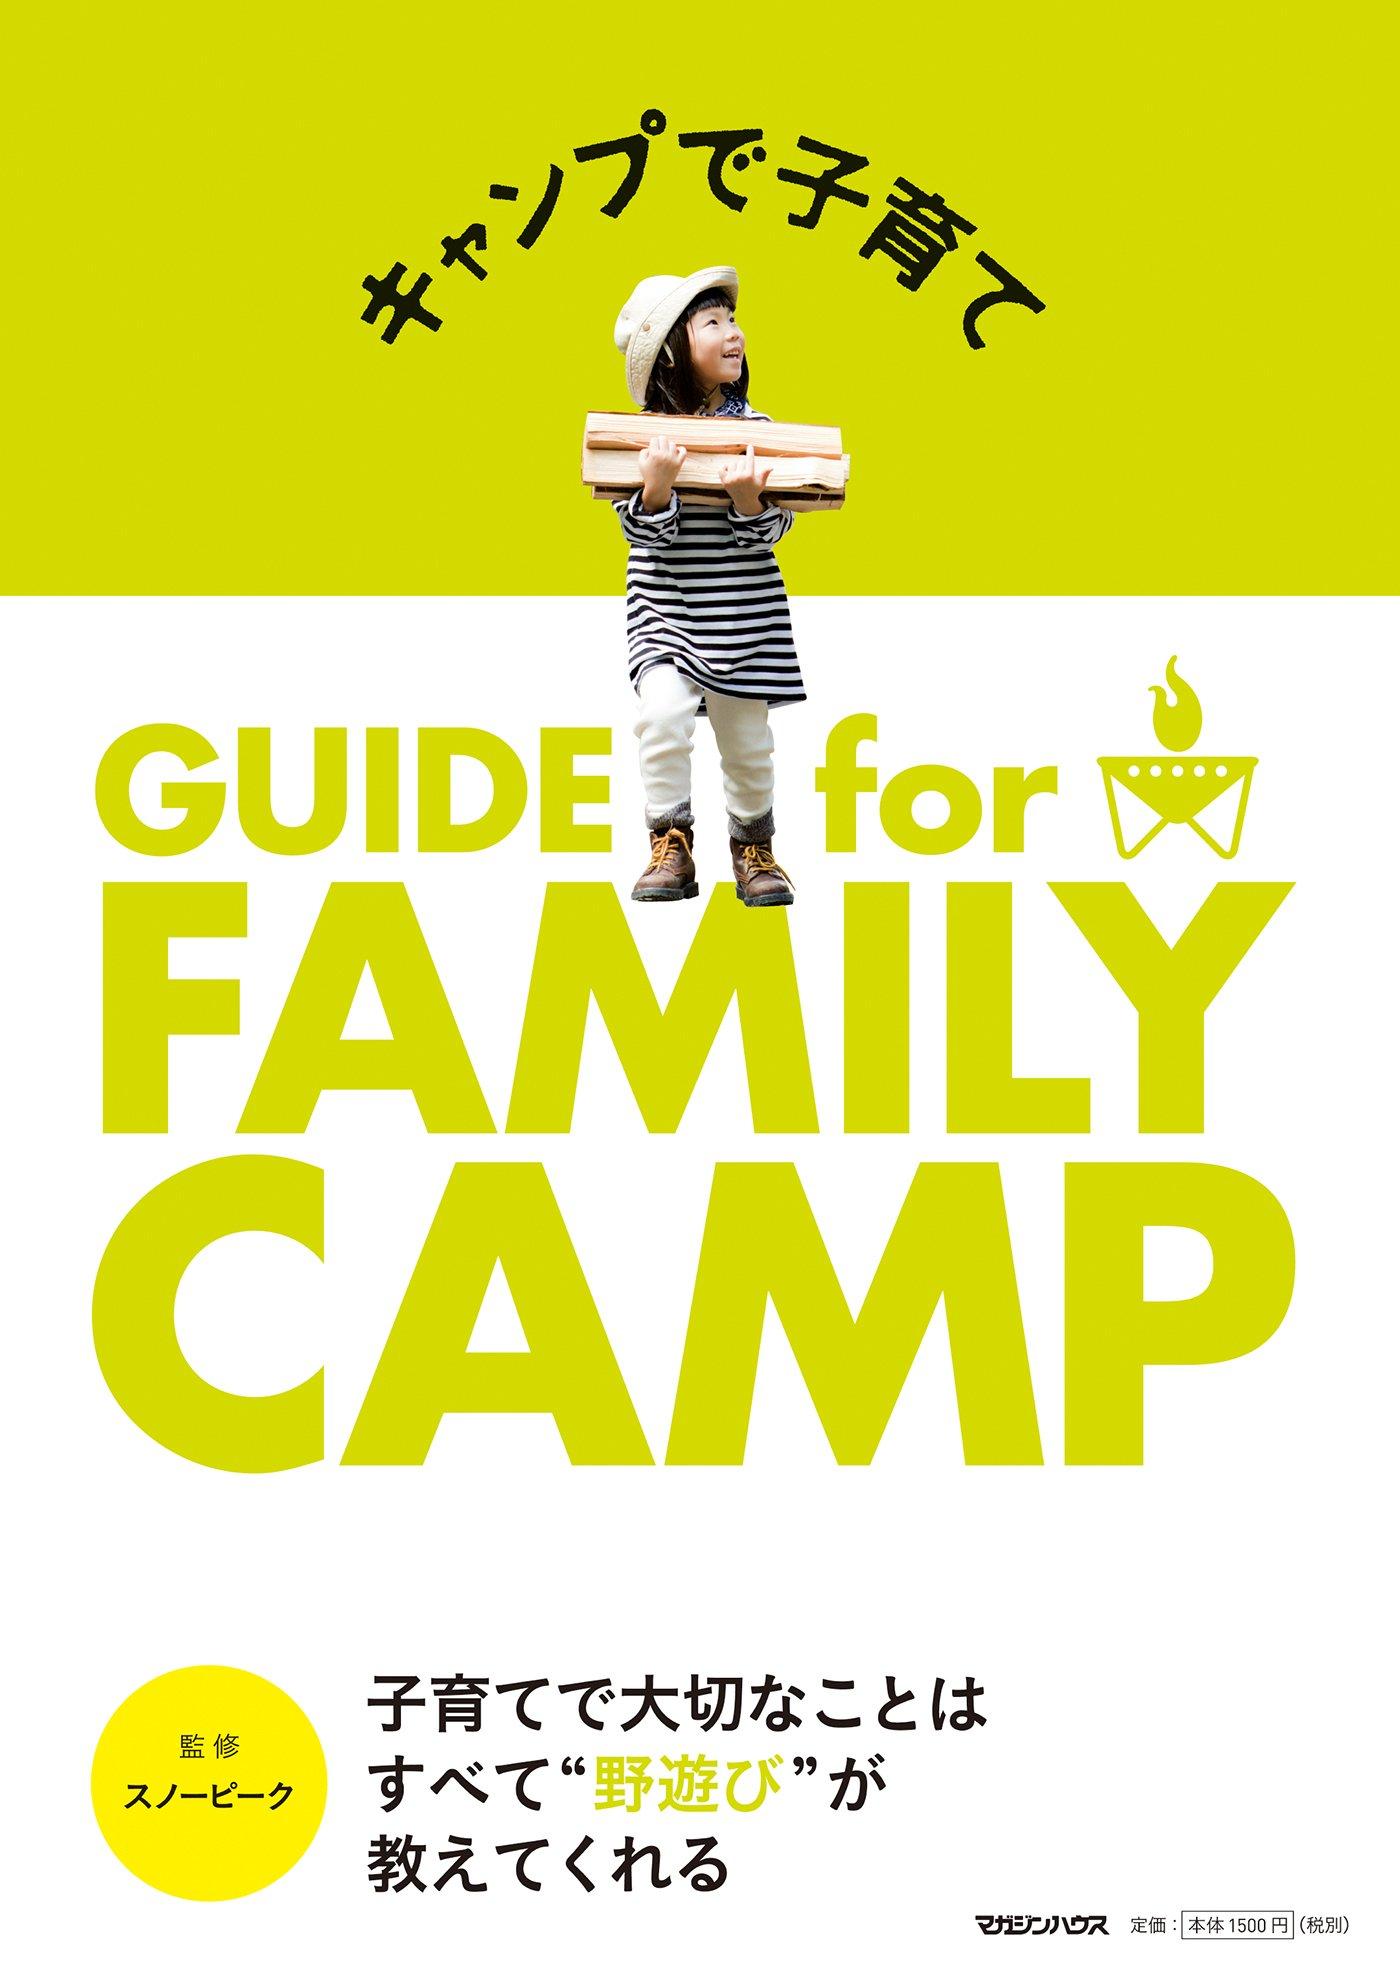 キャンプで子育て guide for family camp スノーピーク 本 通販